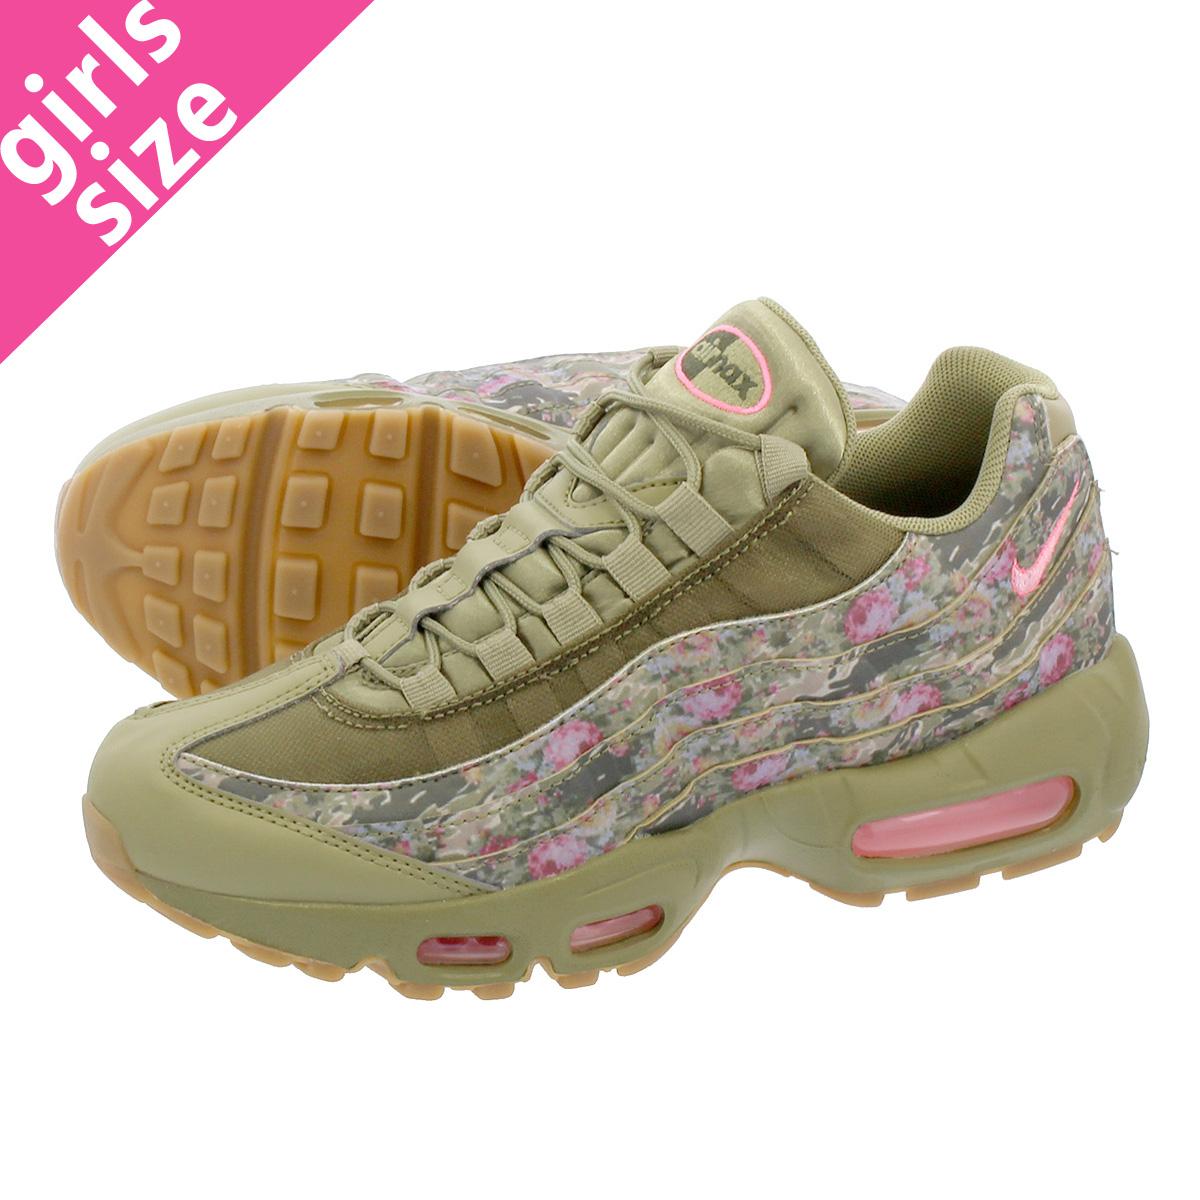 3d39b1a0ae LOWTEX PLUS: NIKE WMNS AIR MAX 95 Nike women Air Max 95 NEUTRAL OLIVE/ARCTIC  PUNCH aq6385-200 | Rakuten Global Market